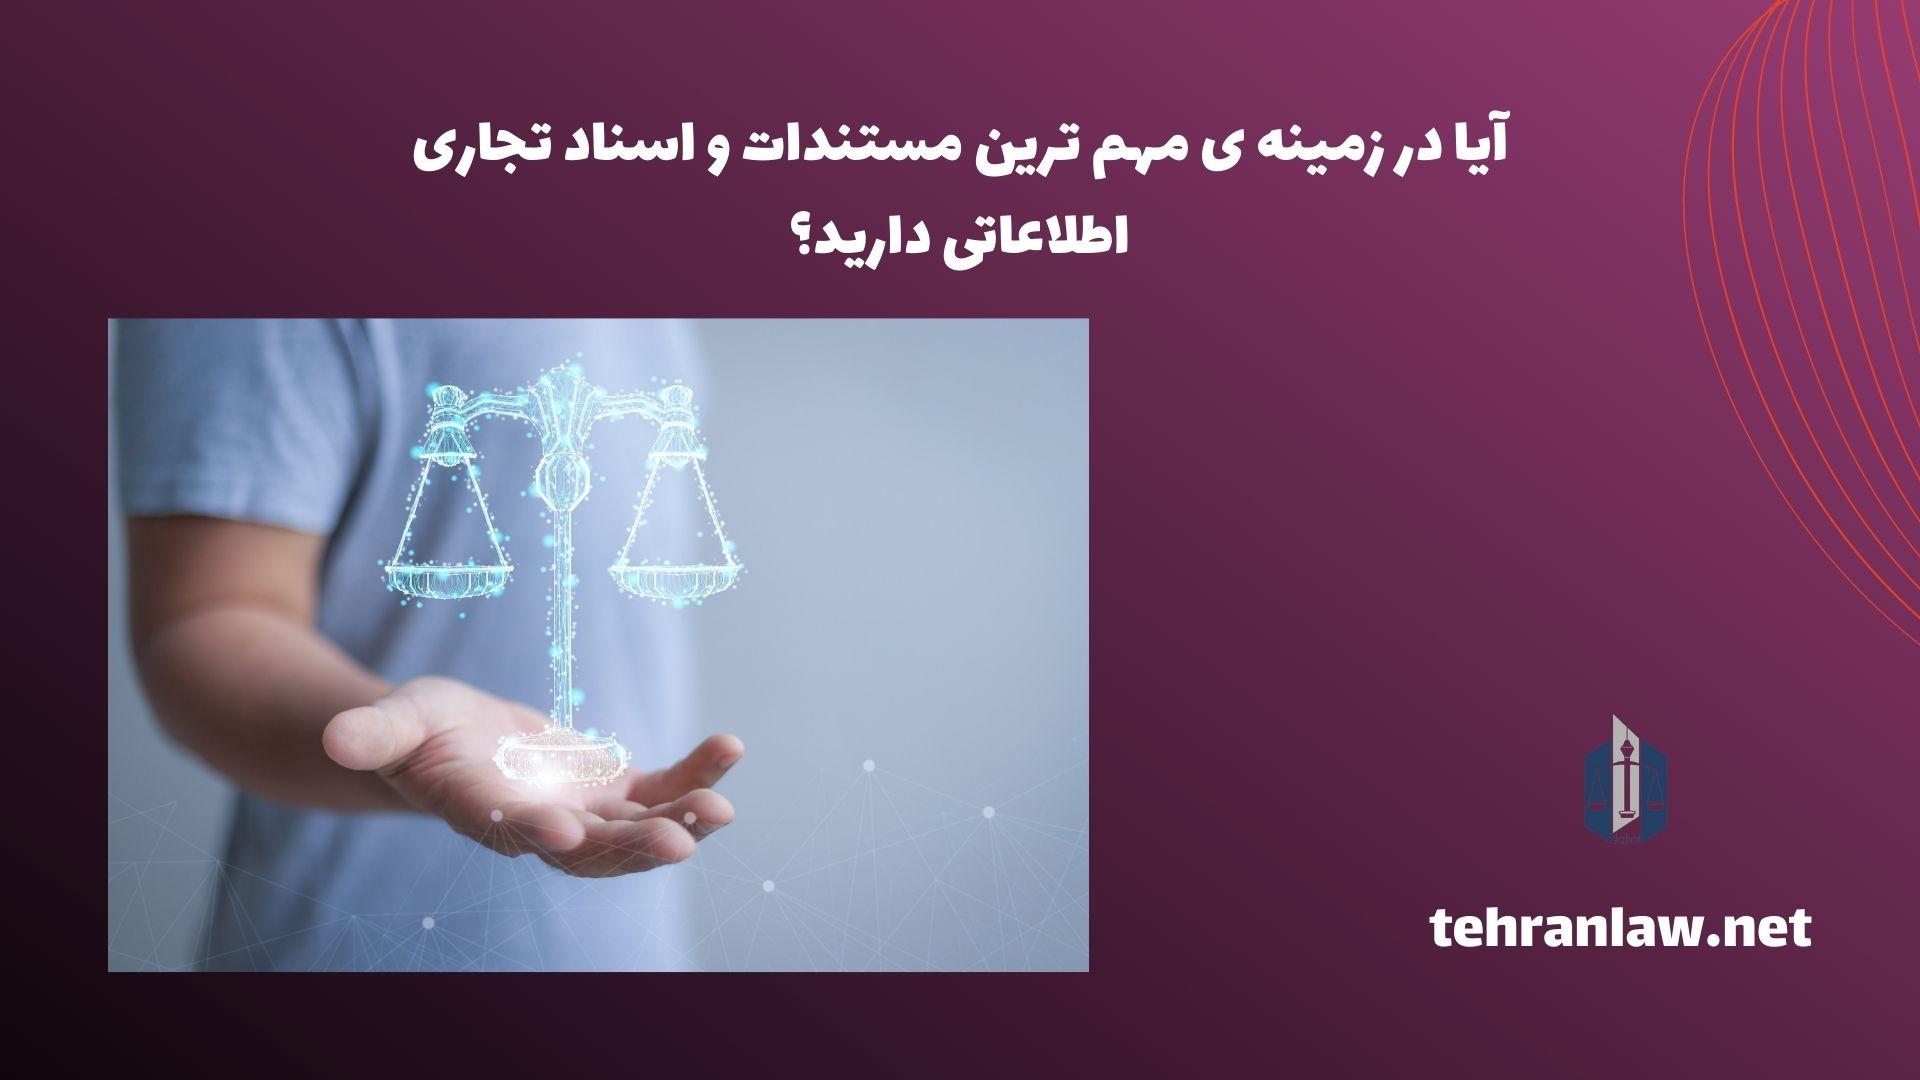 آیا در زمینه ی مهم ترین مستندات و اسناد تجاری اطلاعاتی دارید؟